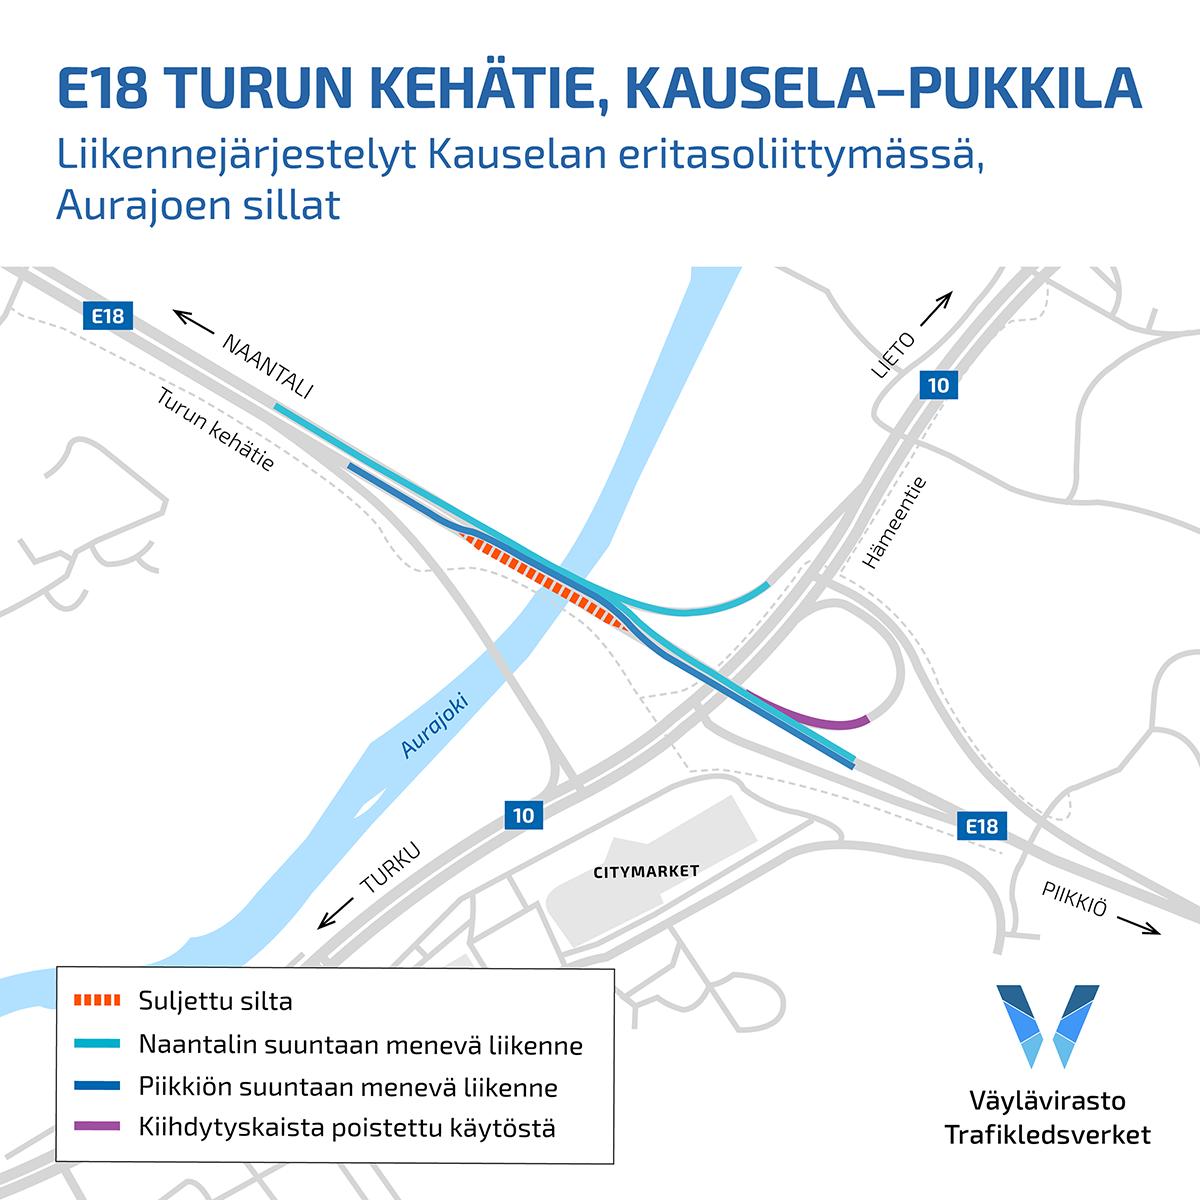 Turun kehätien liikenne siirtyy kulkemaan kehätien pohjoispuolta Aurajoen ylittävien siltojen kohdalla.